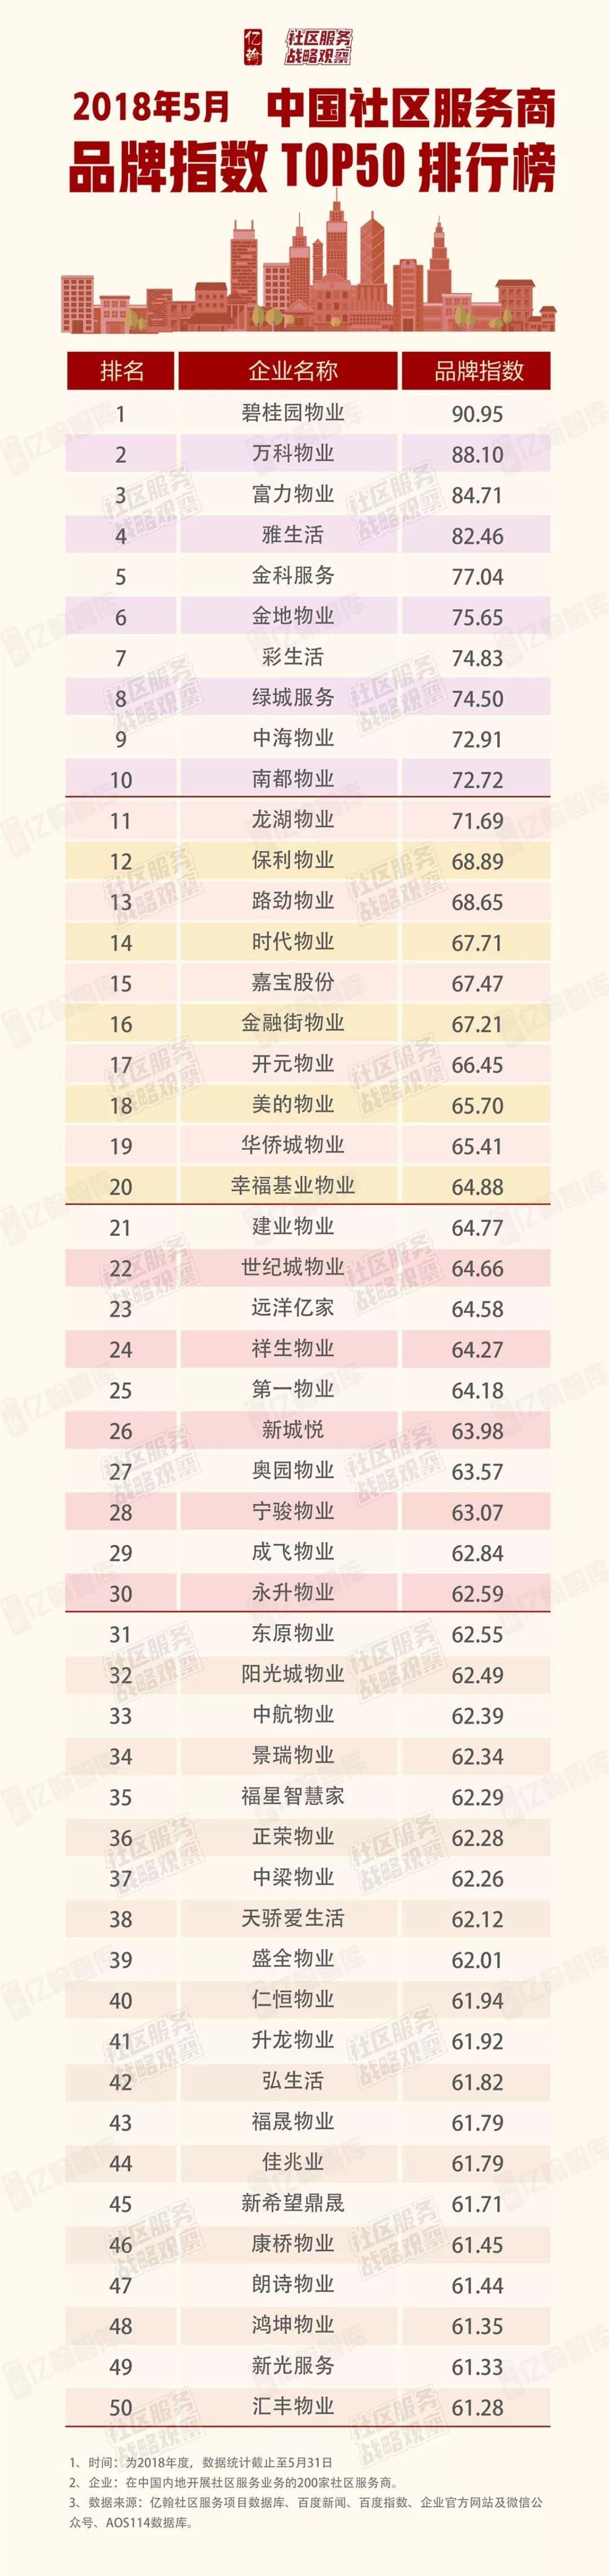 2018年5月中国社区服务商品牌指数TOP50排行榜